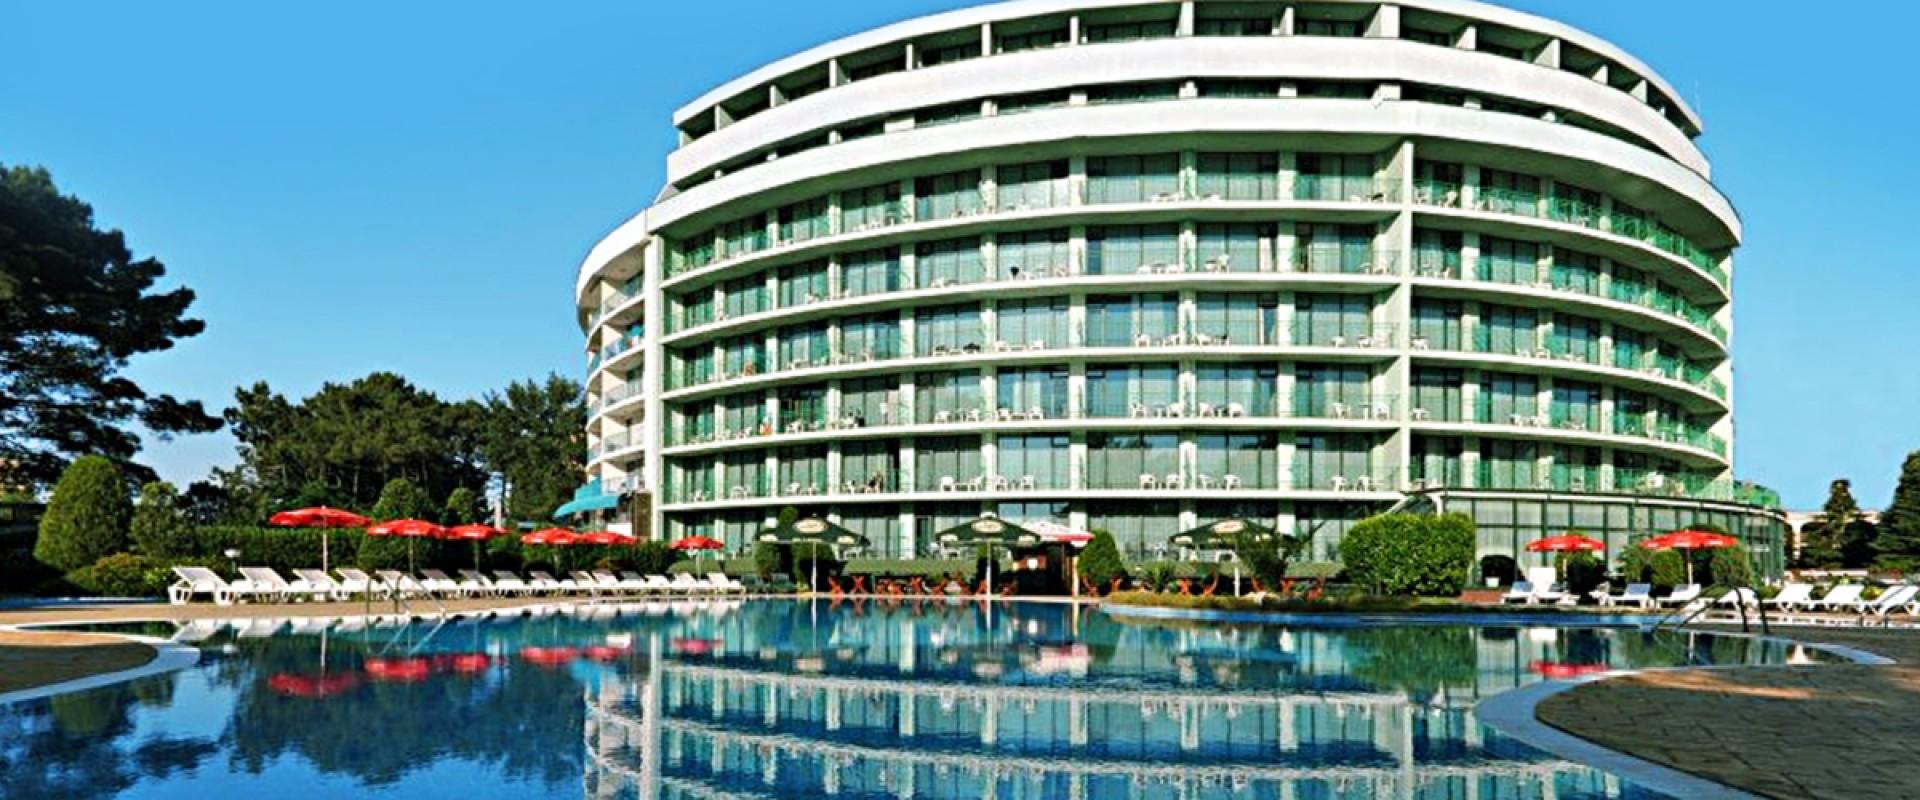 Odihnă în Bulgaria 2017, Sunny Beach, Hotel Colosseum